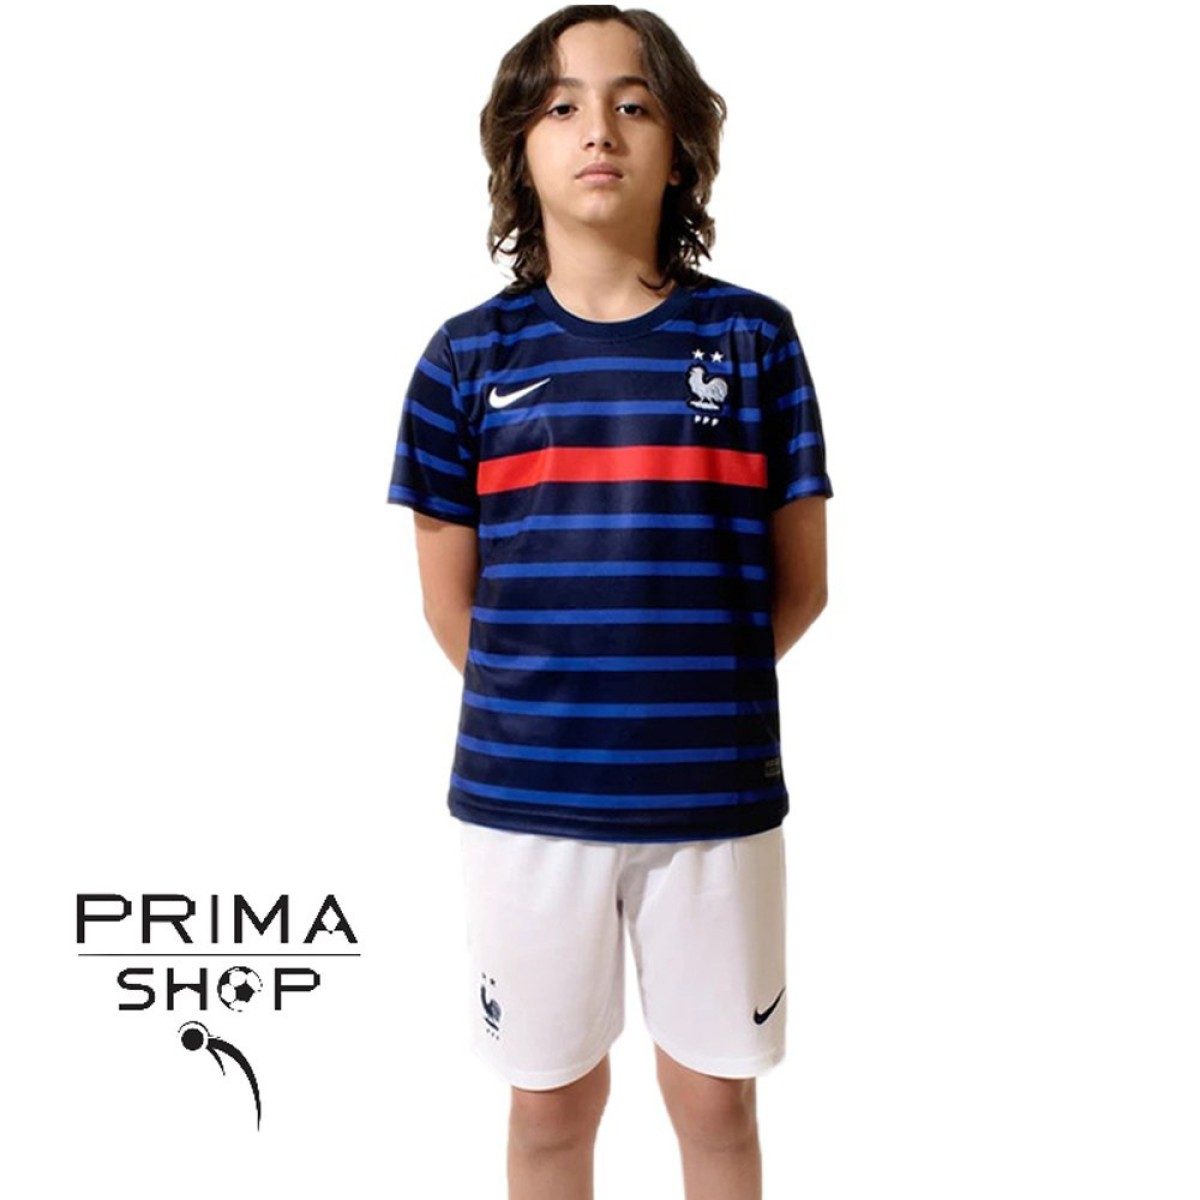 لباس بچه گانه فرانسه 2020   پیراهن شورت بچه گانه فرانسه